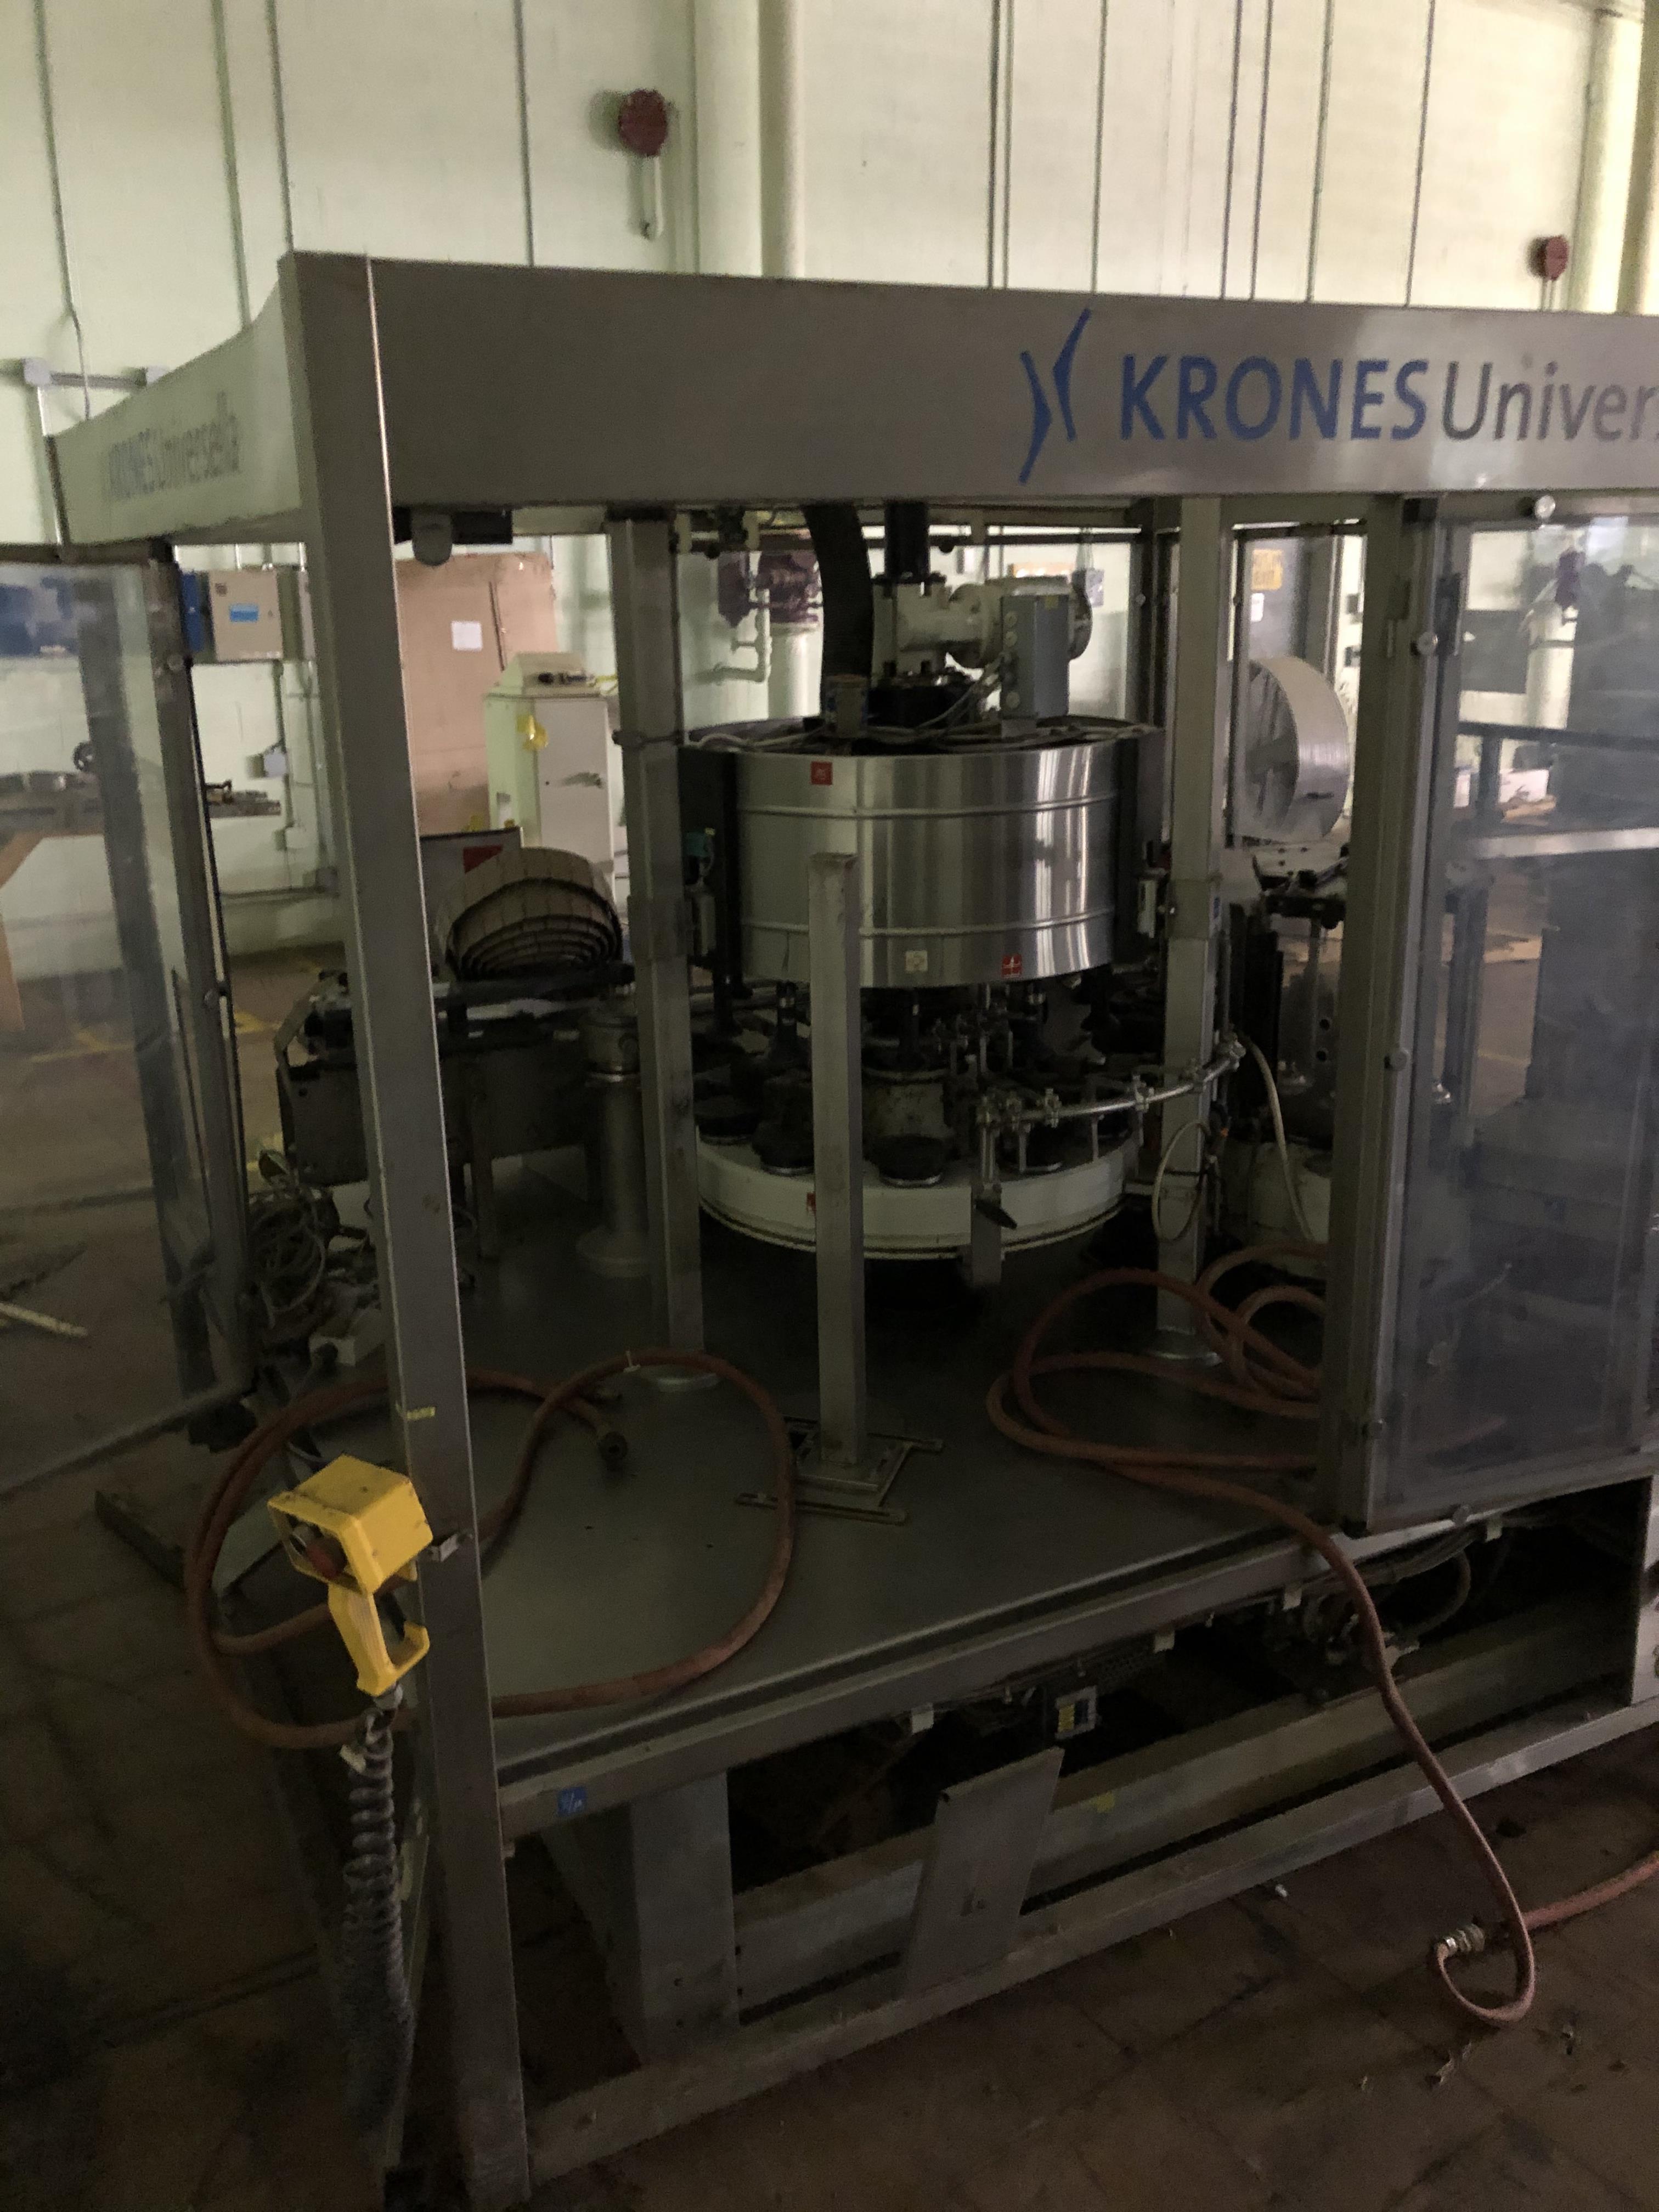 Krones Universella Labeler, Machine #723-E86, RIGGING FEE - $1750 - Image 4 of 6